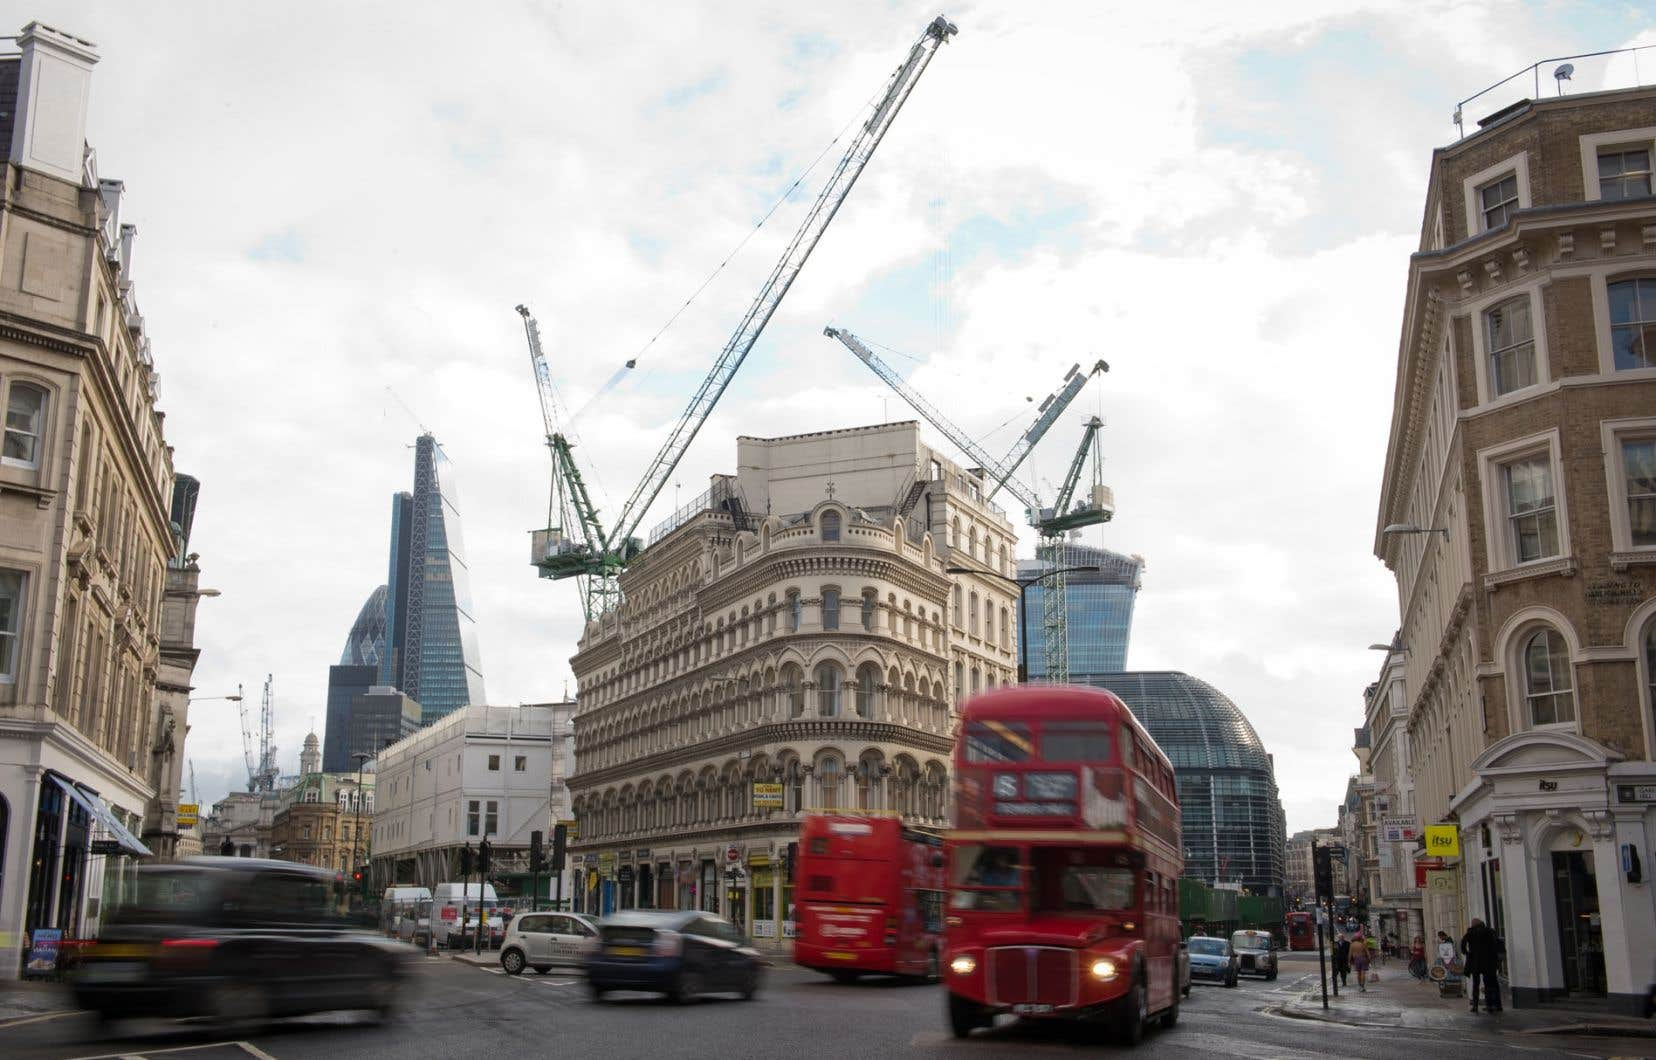 Les chantiers de construction se multiplient dans les quartiers de Londres, signe que l'économie prend du mieux.